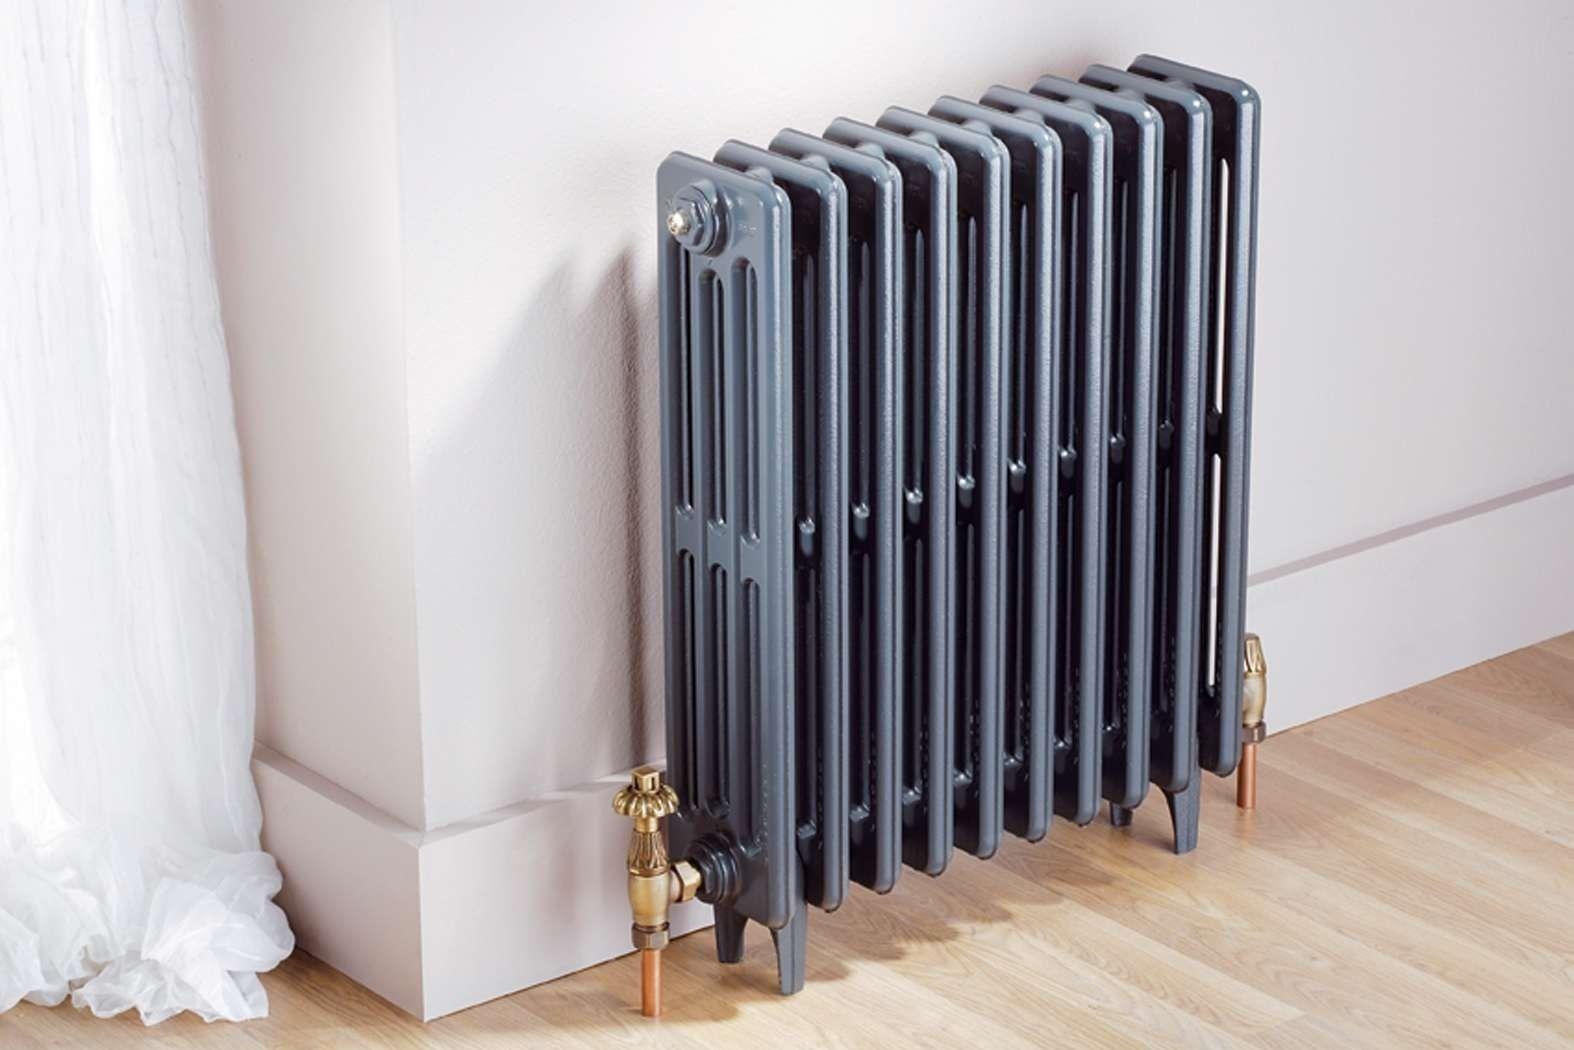 Costo Termosifoni In Ghisa costo elemento termosifone (con immagini) | arredamento casa